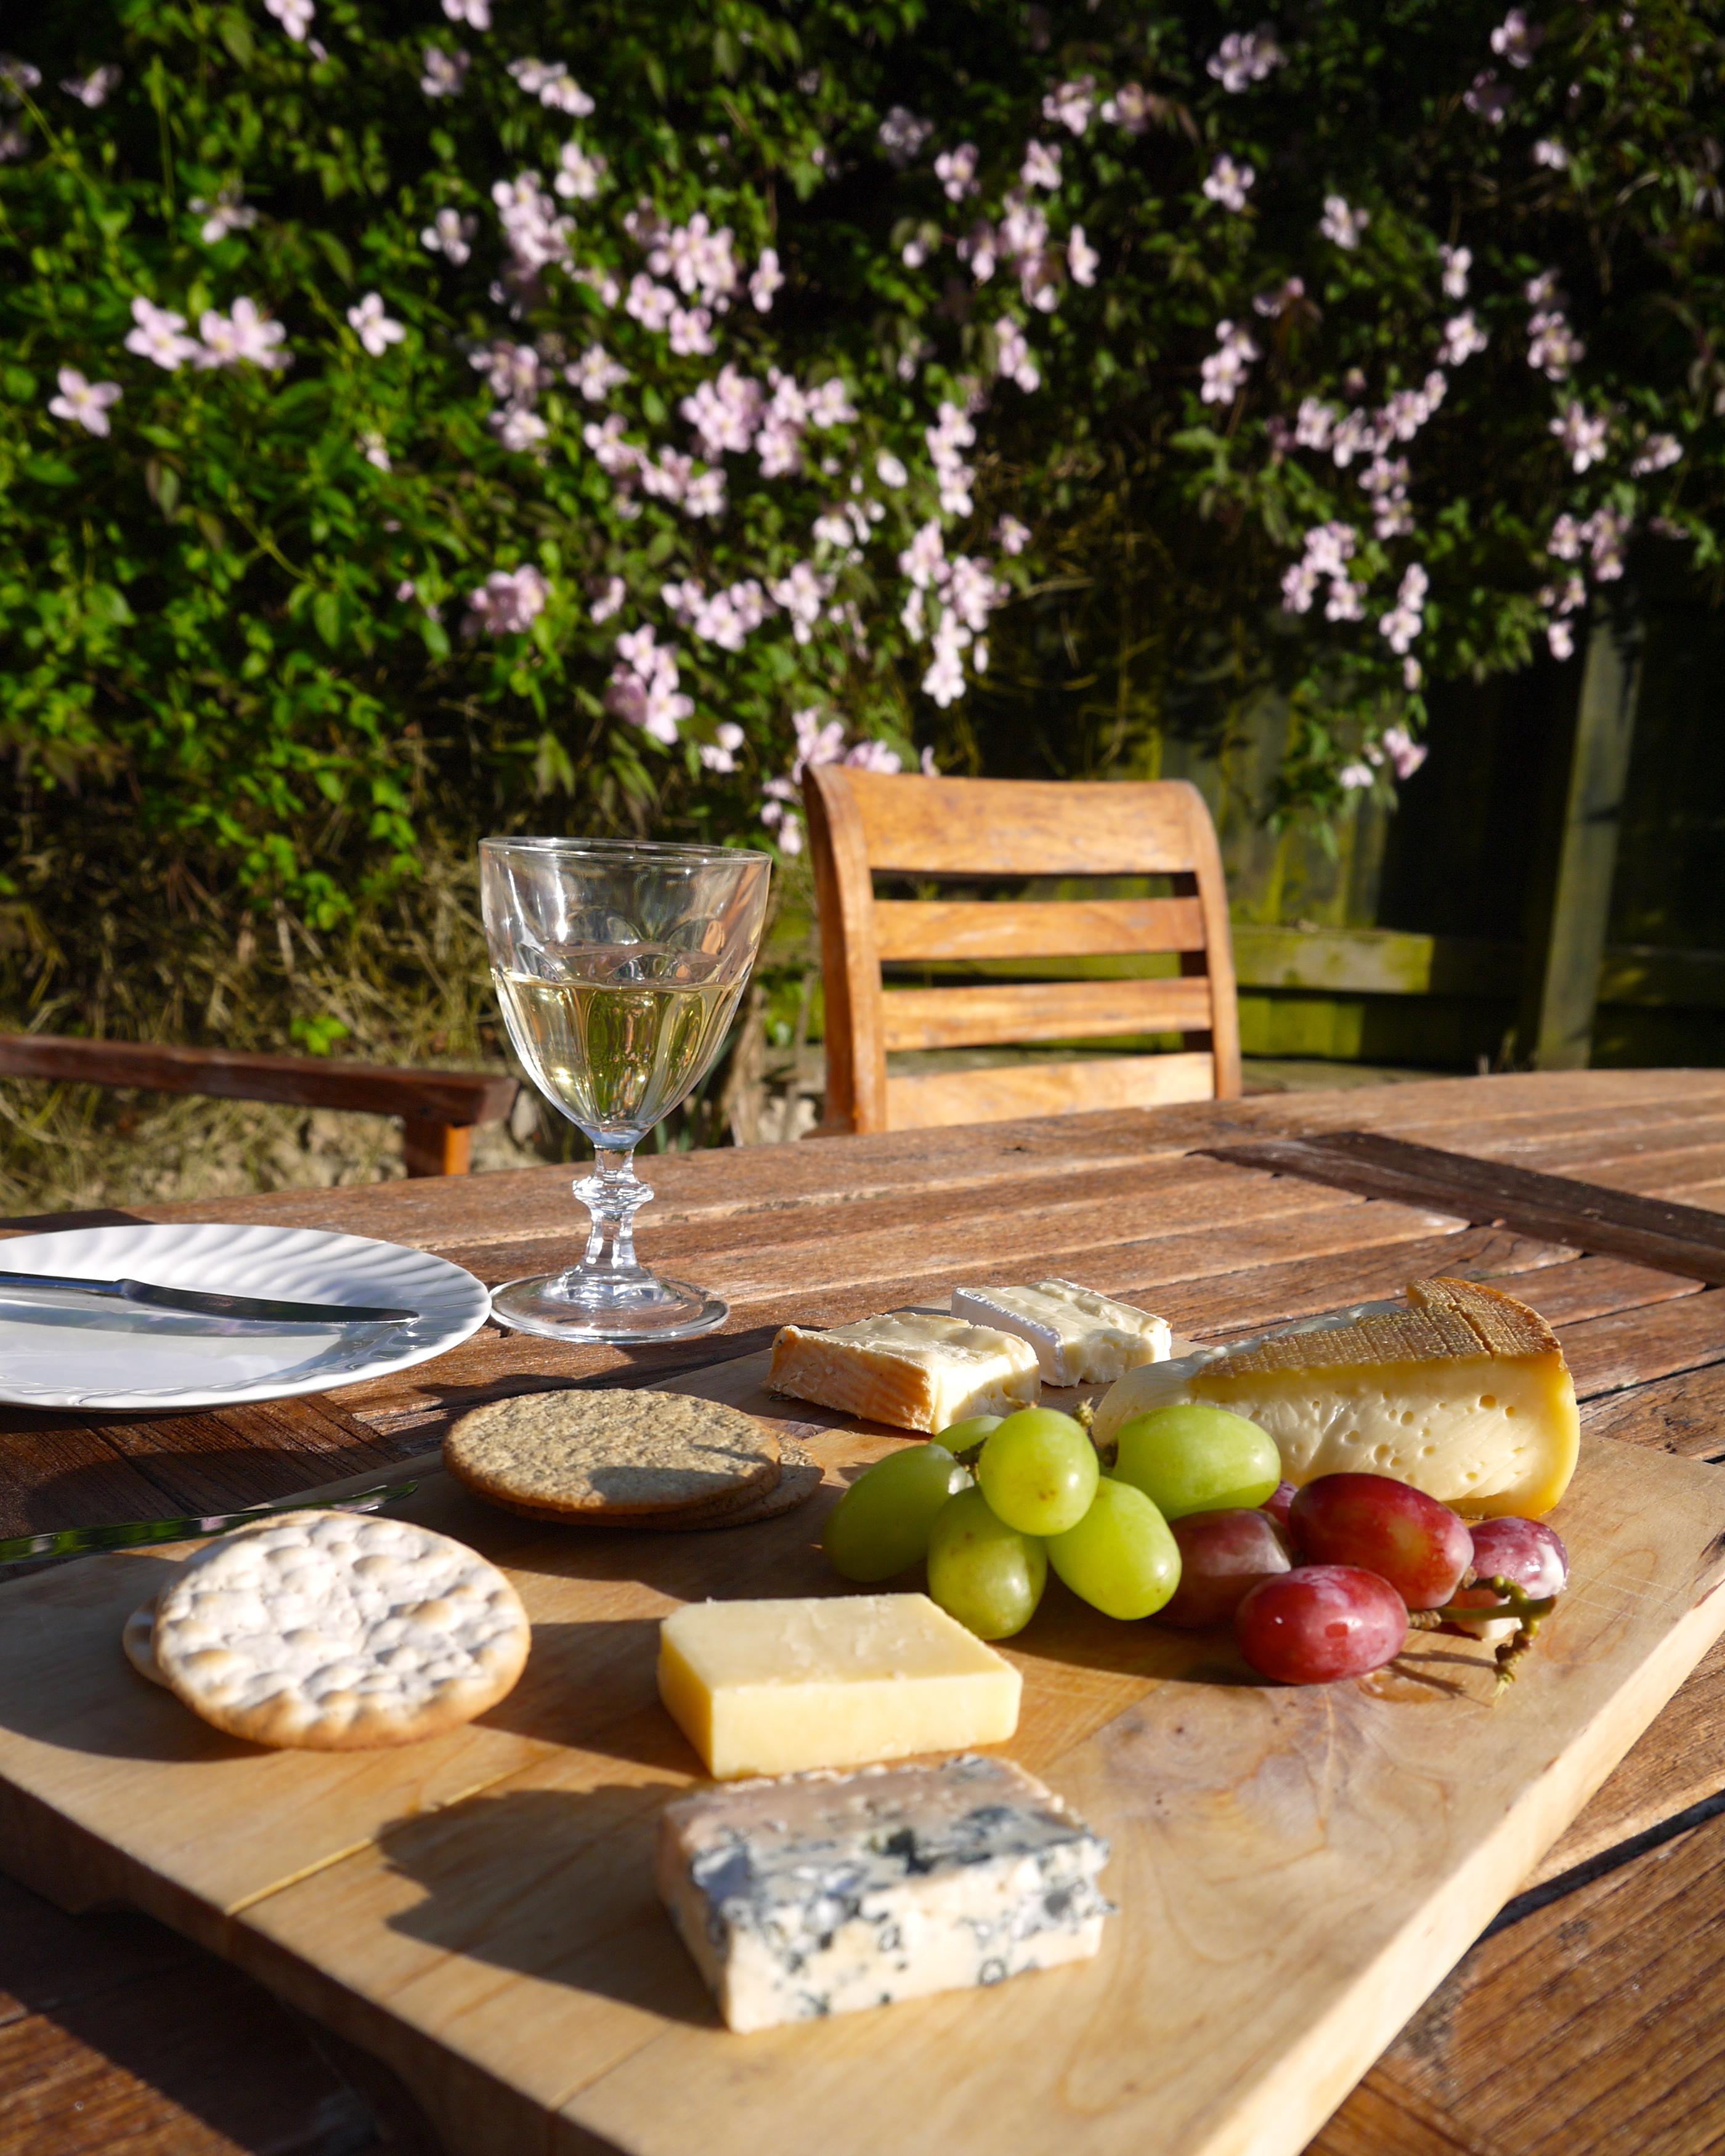 British cheese | godsavethescene